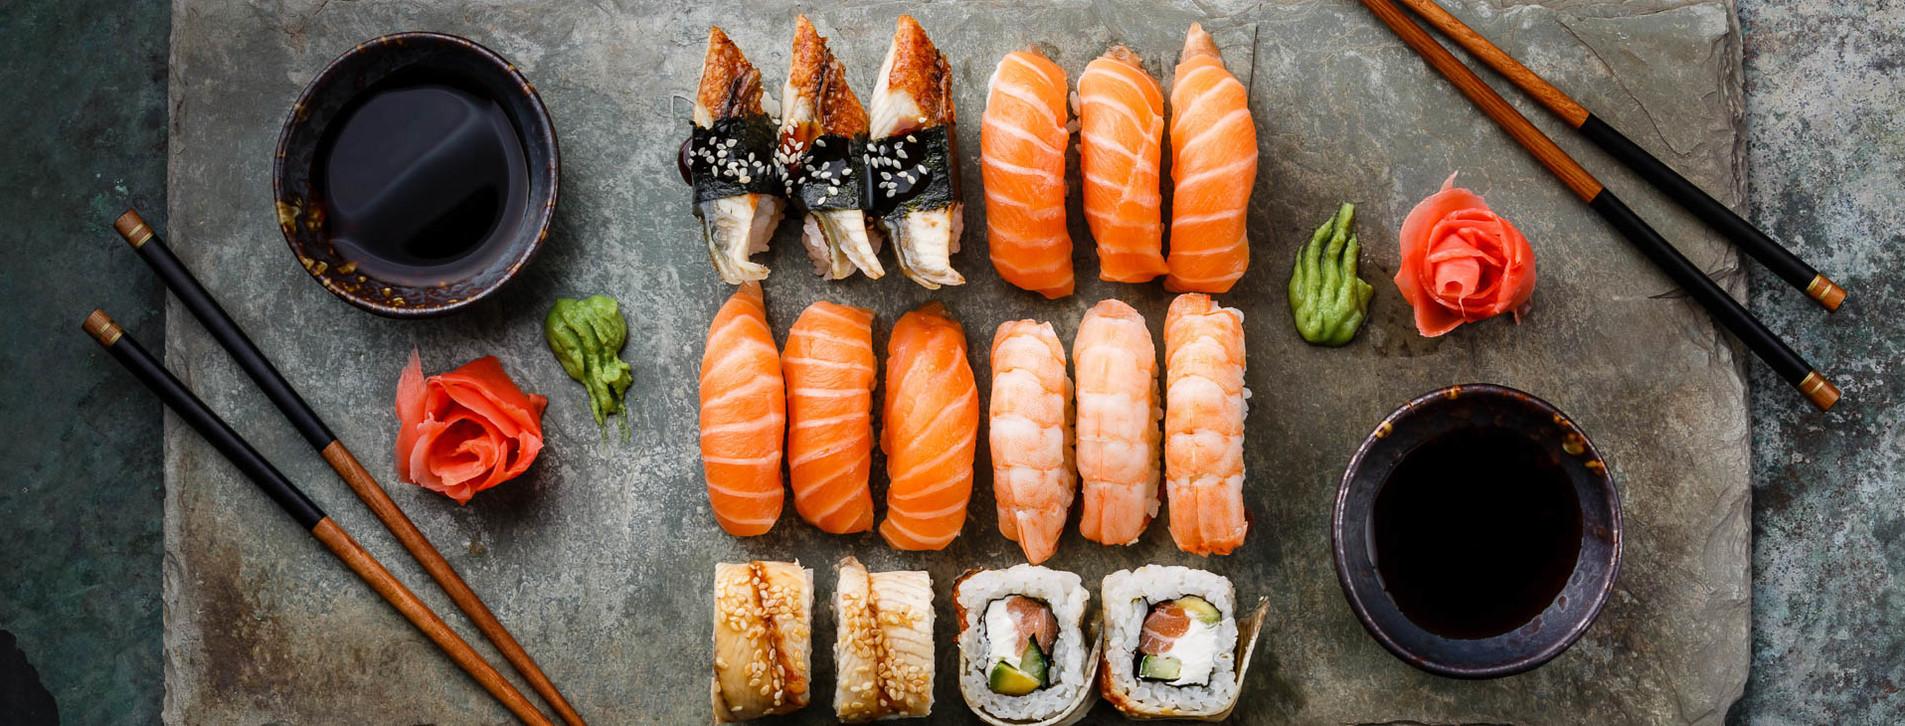 Фото - Майстер-клас суші